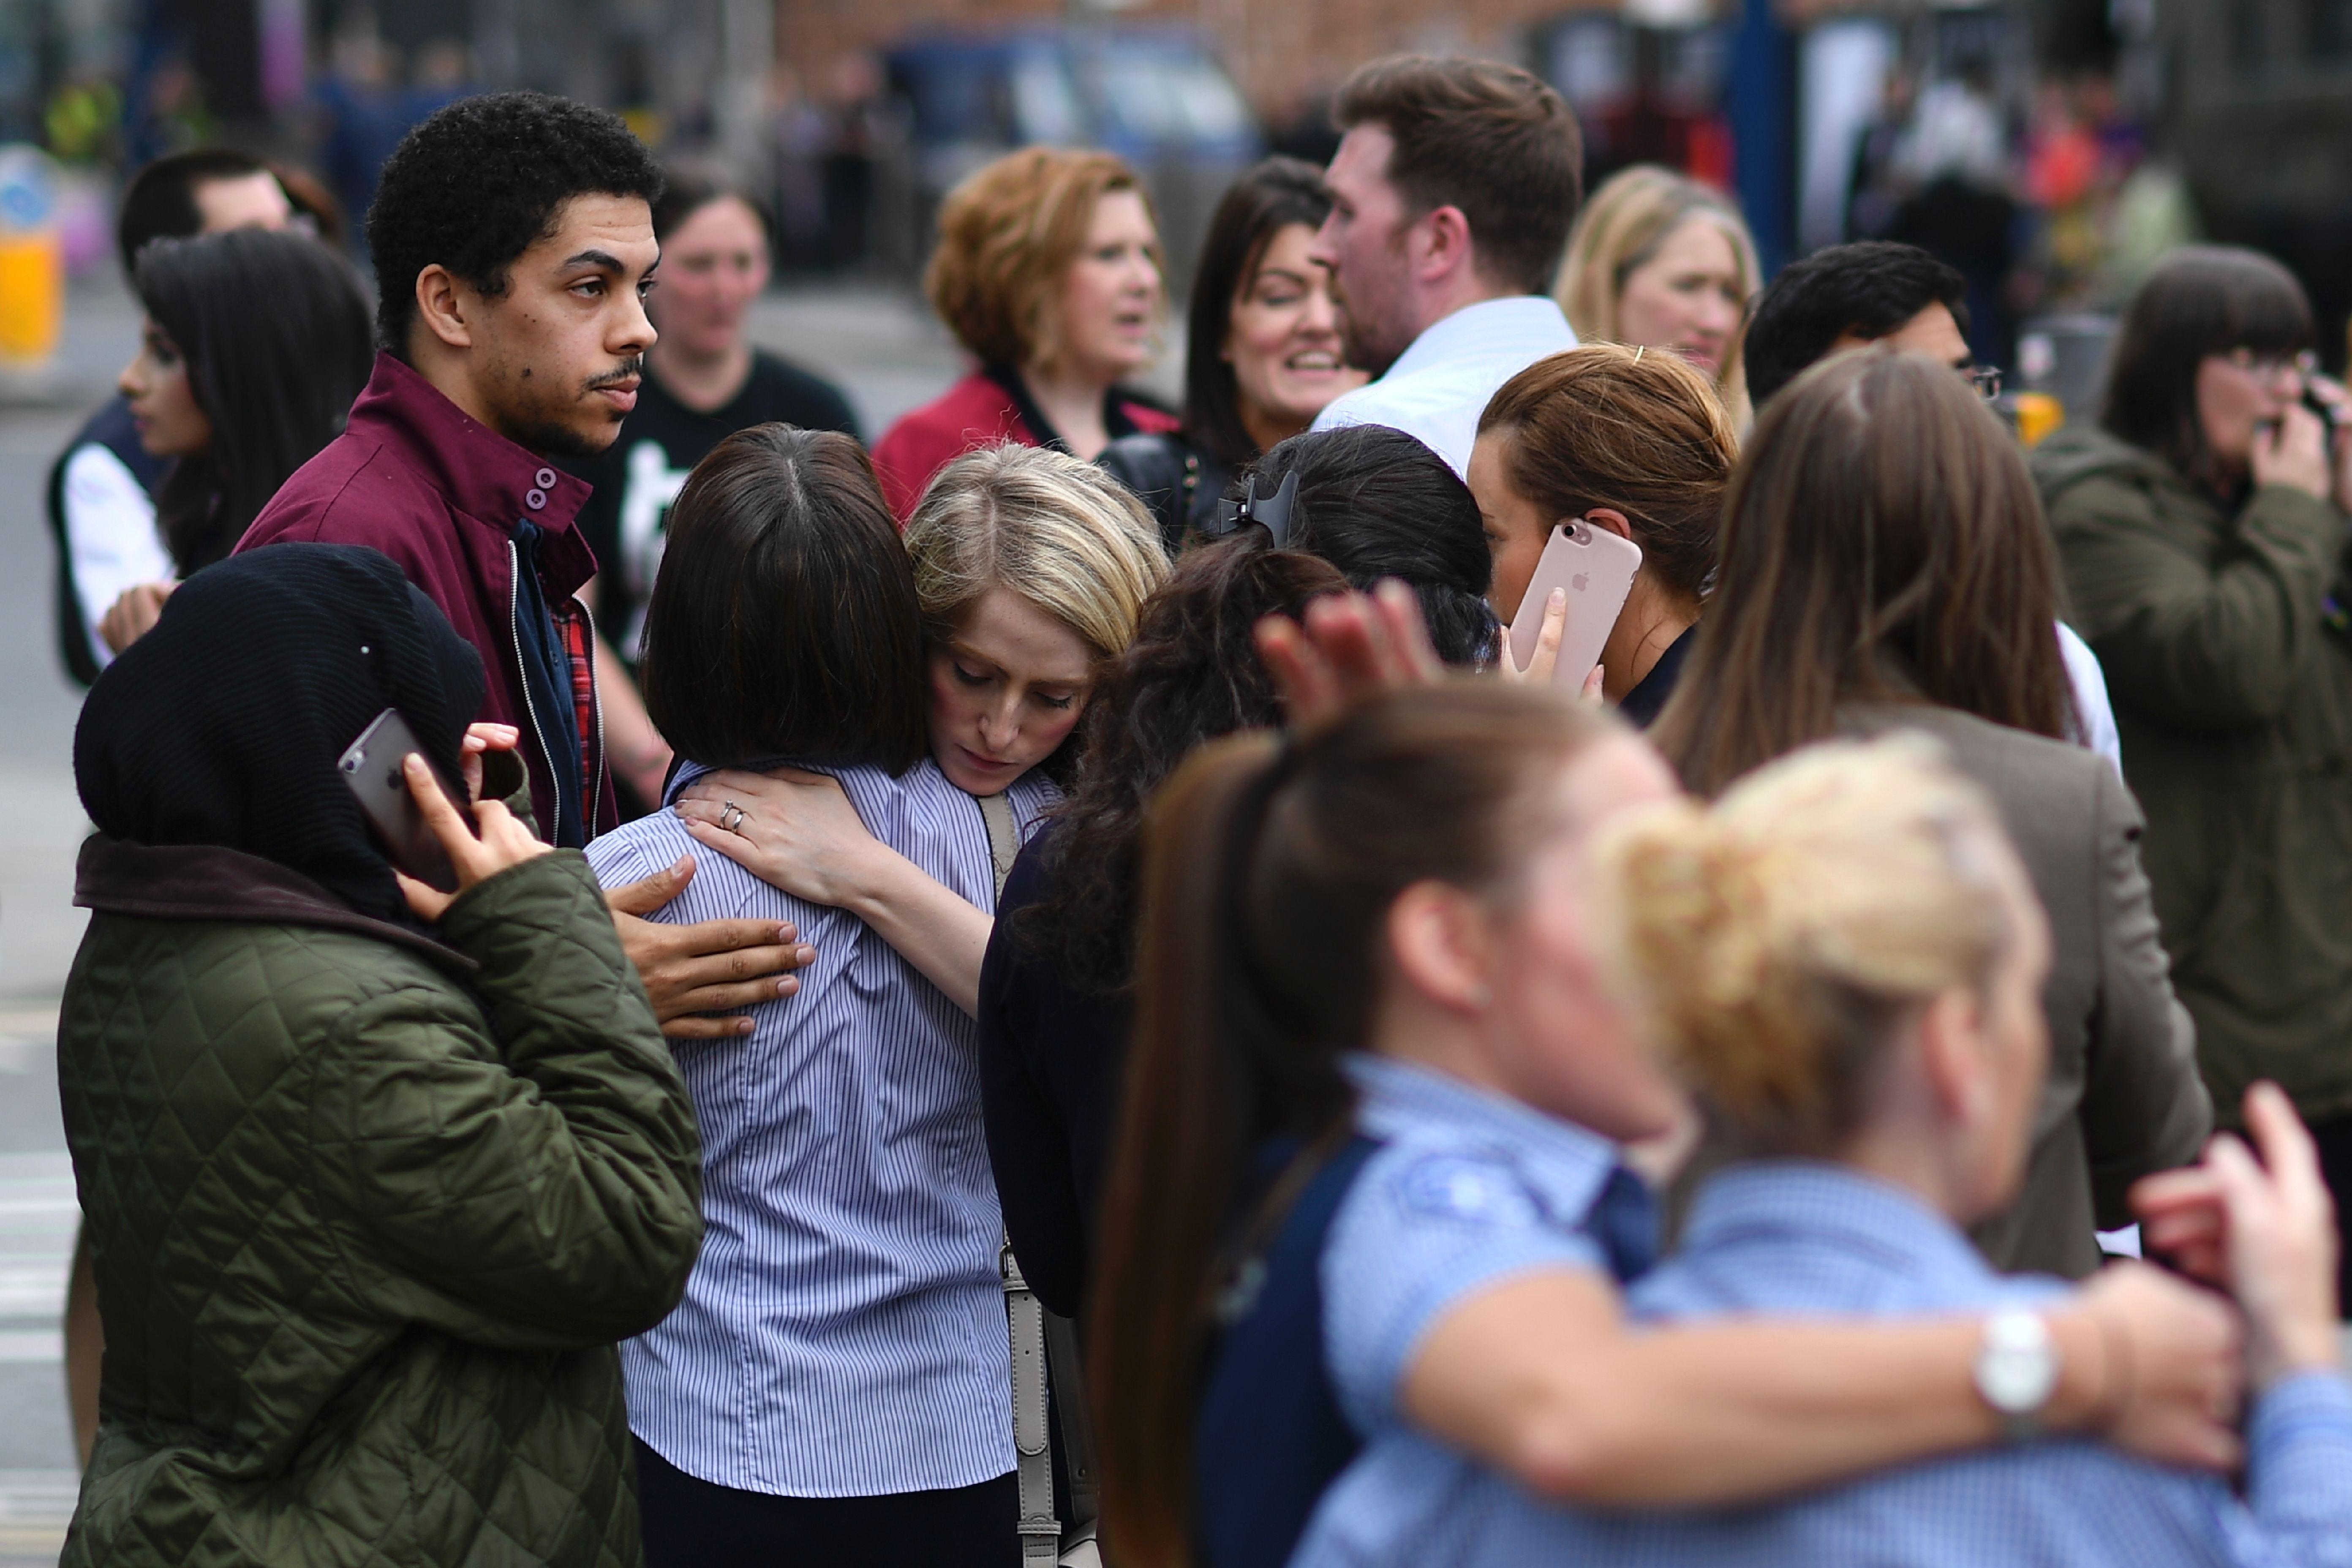 22 mortos e 59 feridos em ataque suicida — Manchester